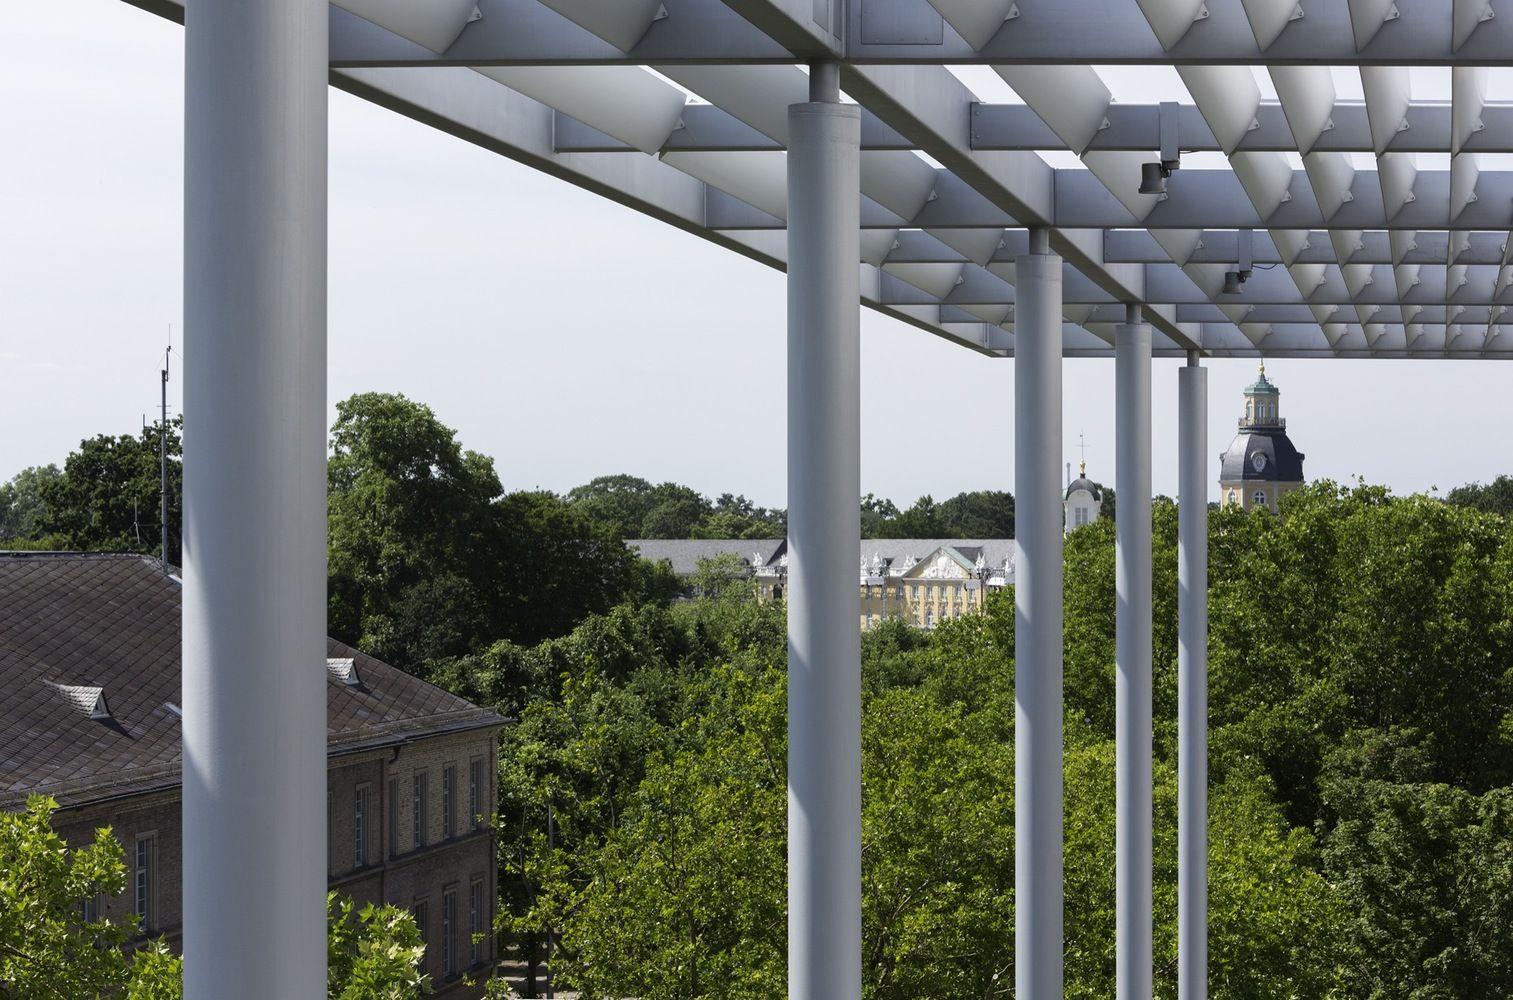 Galería de Instituto de Matemáticas - Universidad de Karlsruhe / Ingenhoven Architects - 3